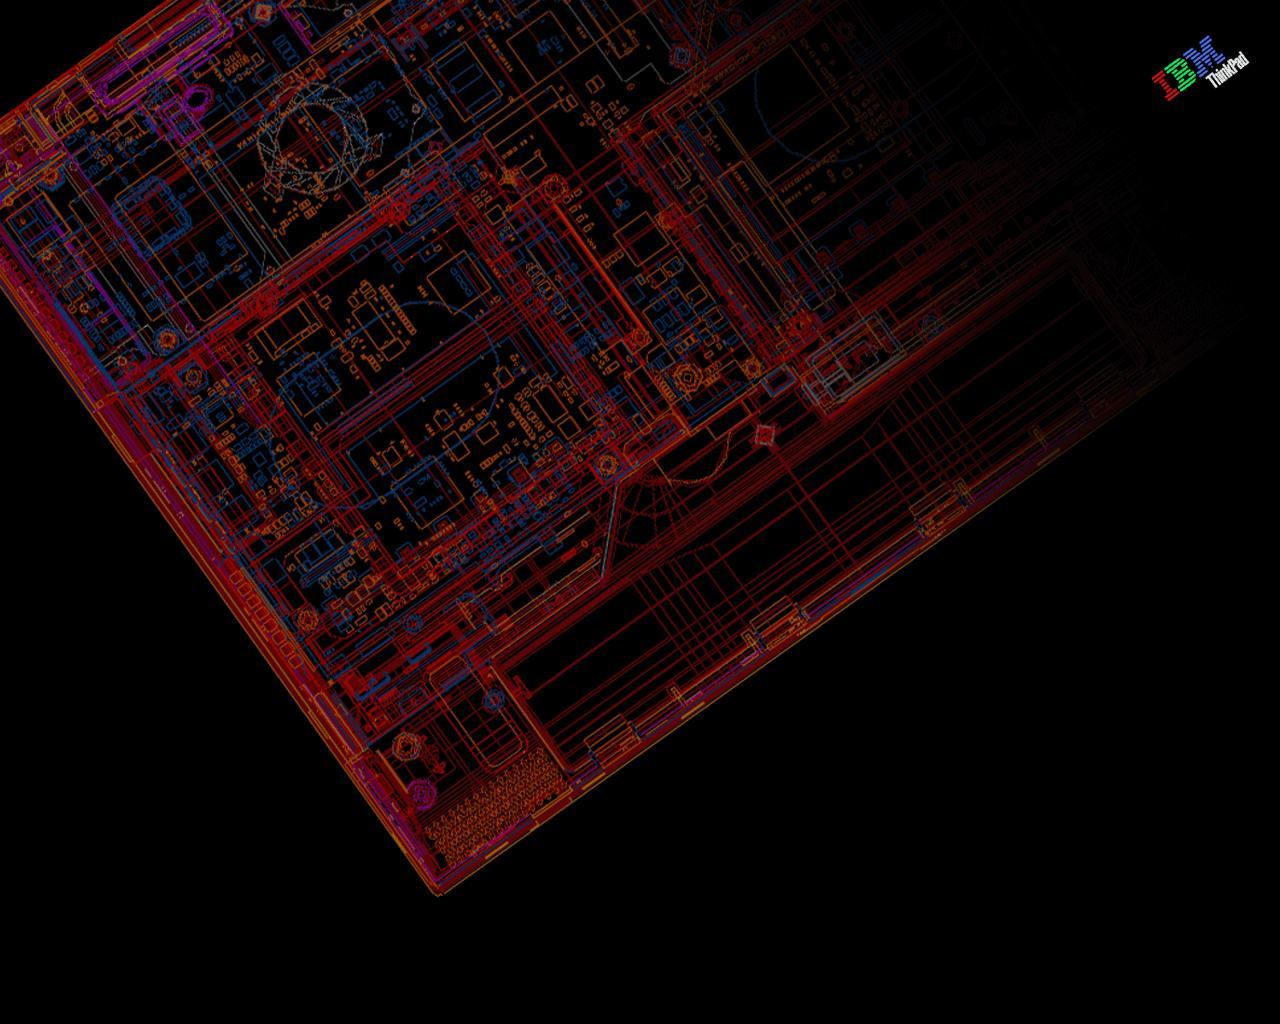 ThinkPad Wallpaper mecanique